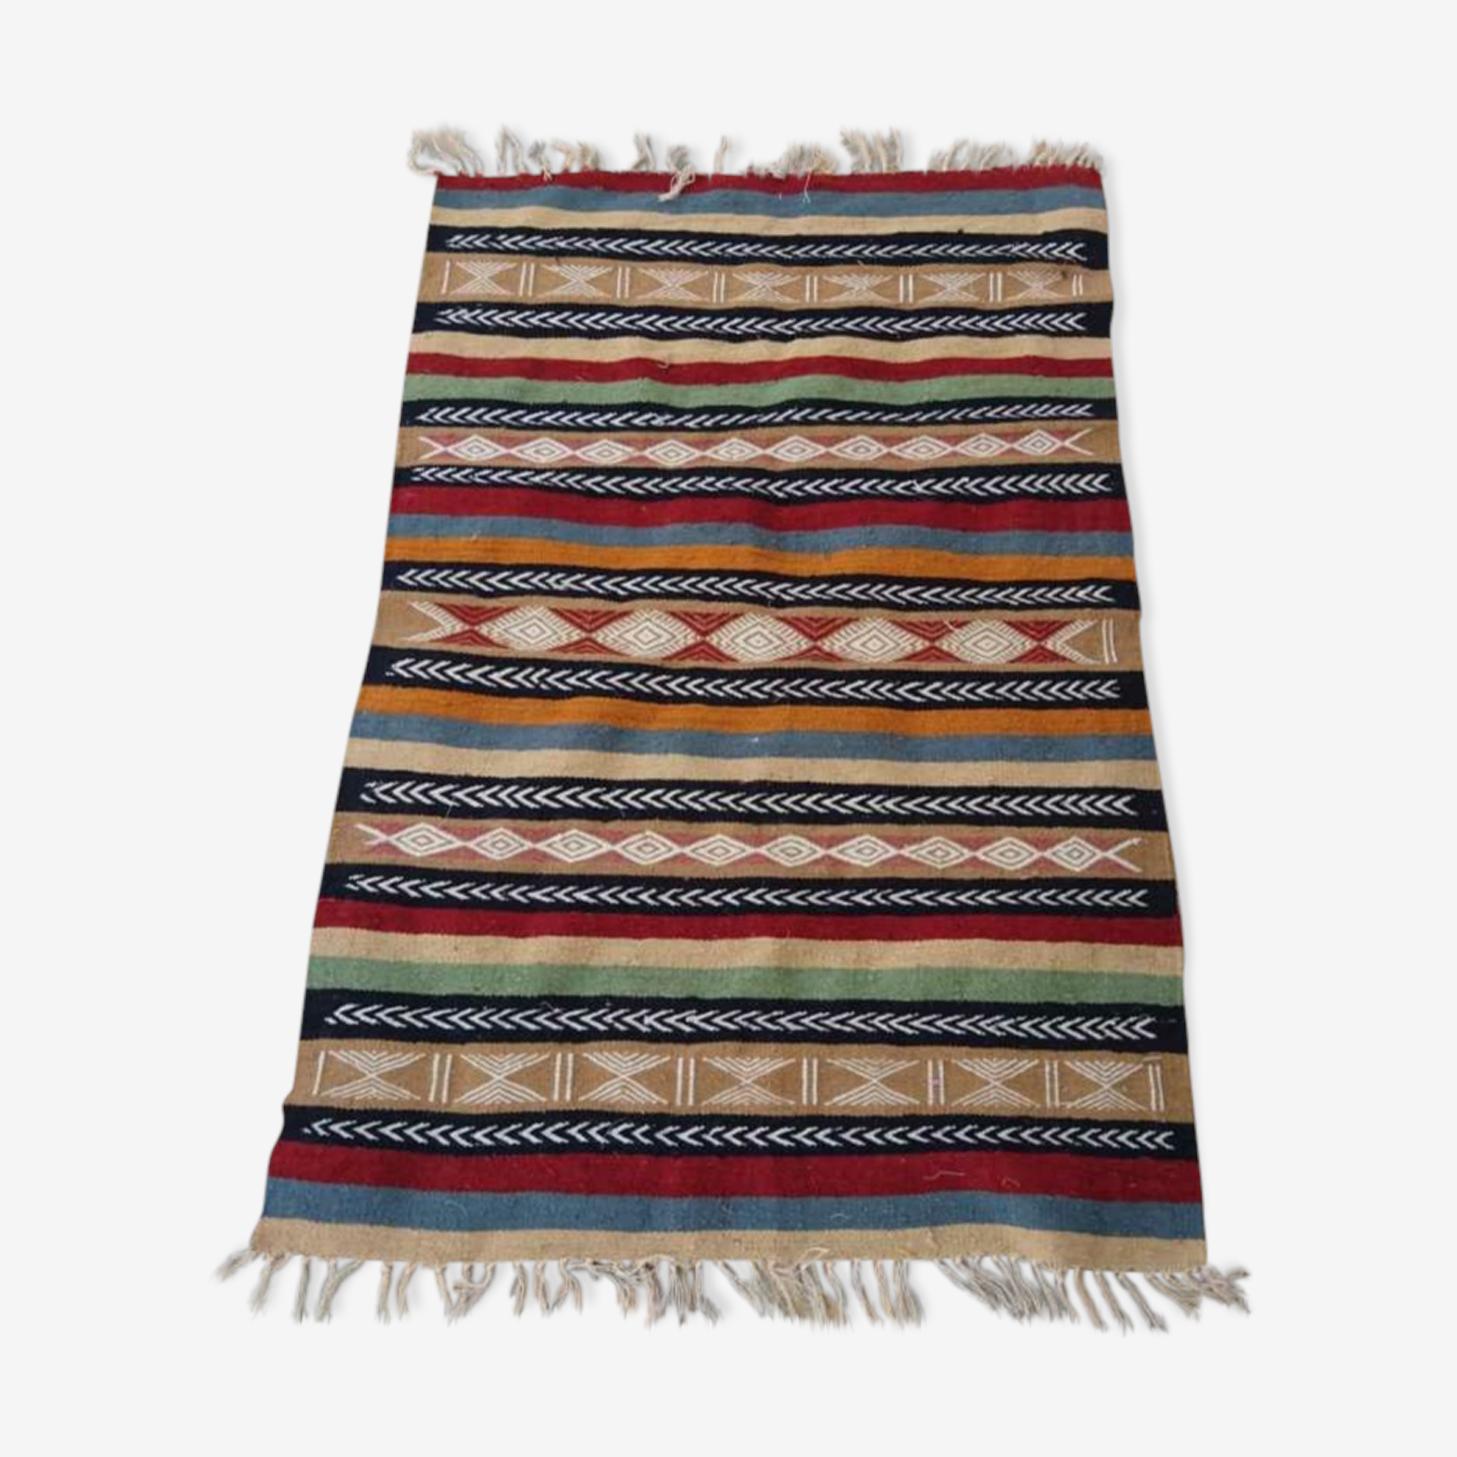 Kilim tapis multicolore 97x144cm